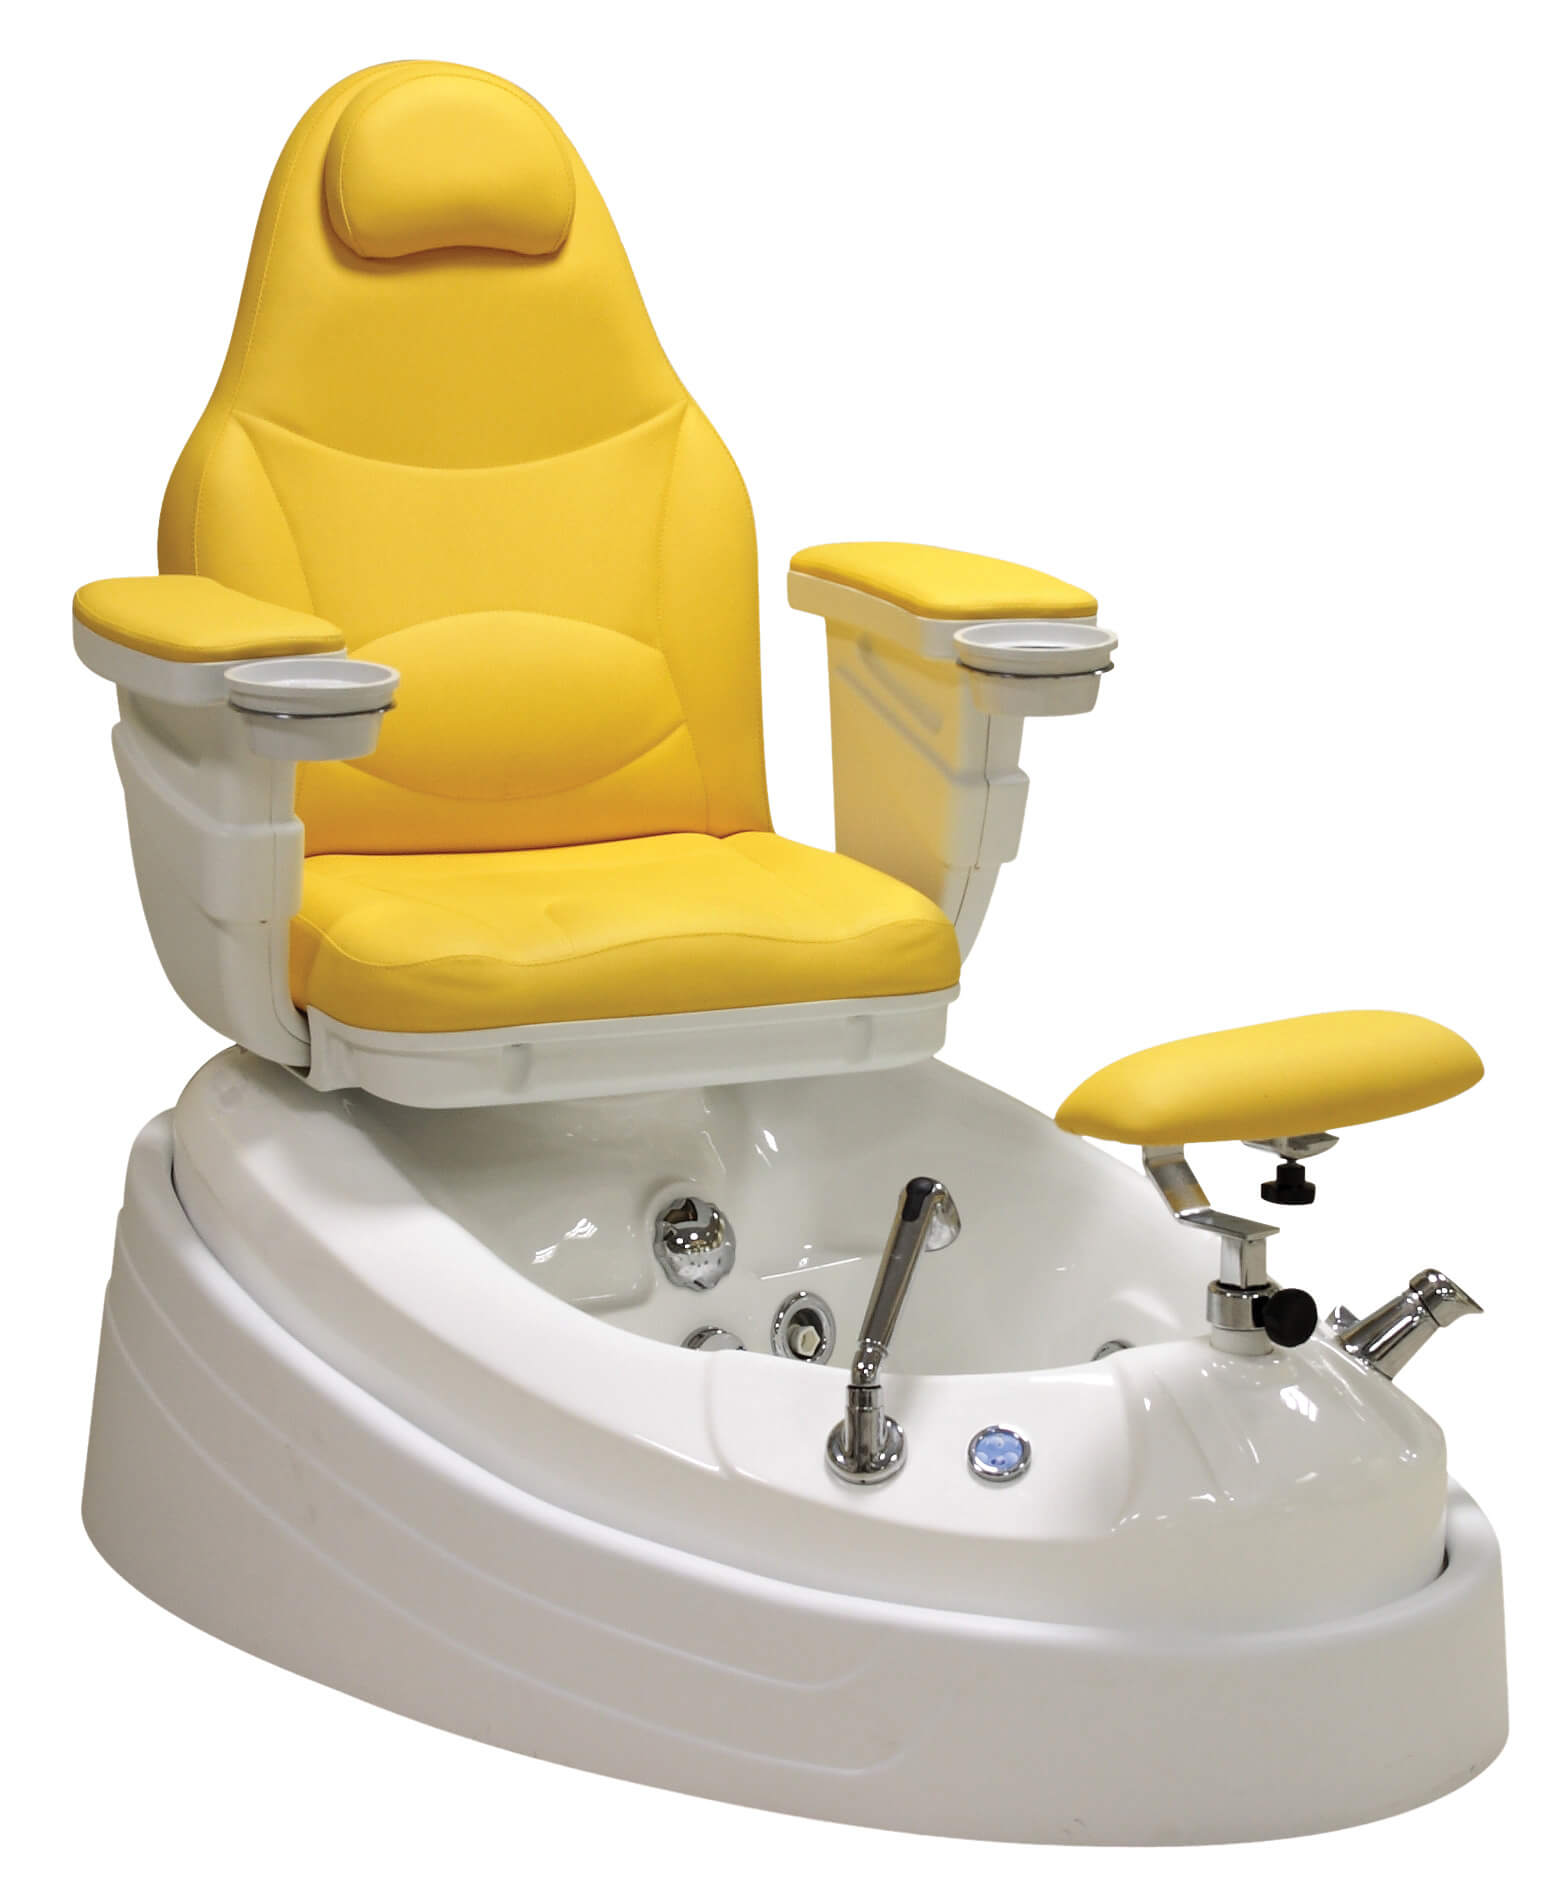 кресло с гидромассажной ванной PEDI SPA - Обзор и рейтинг 5 популярных педикюрных SPA-кресел